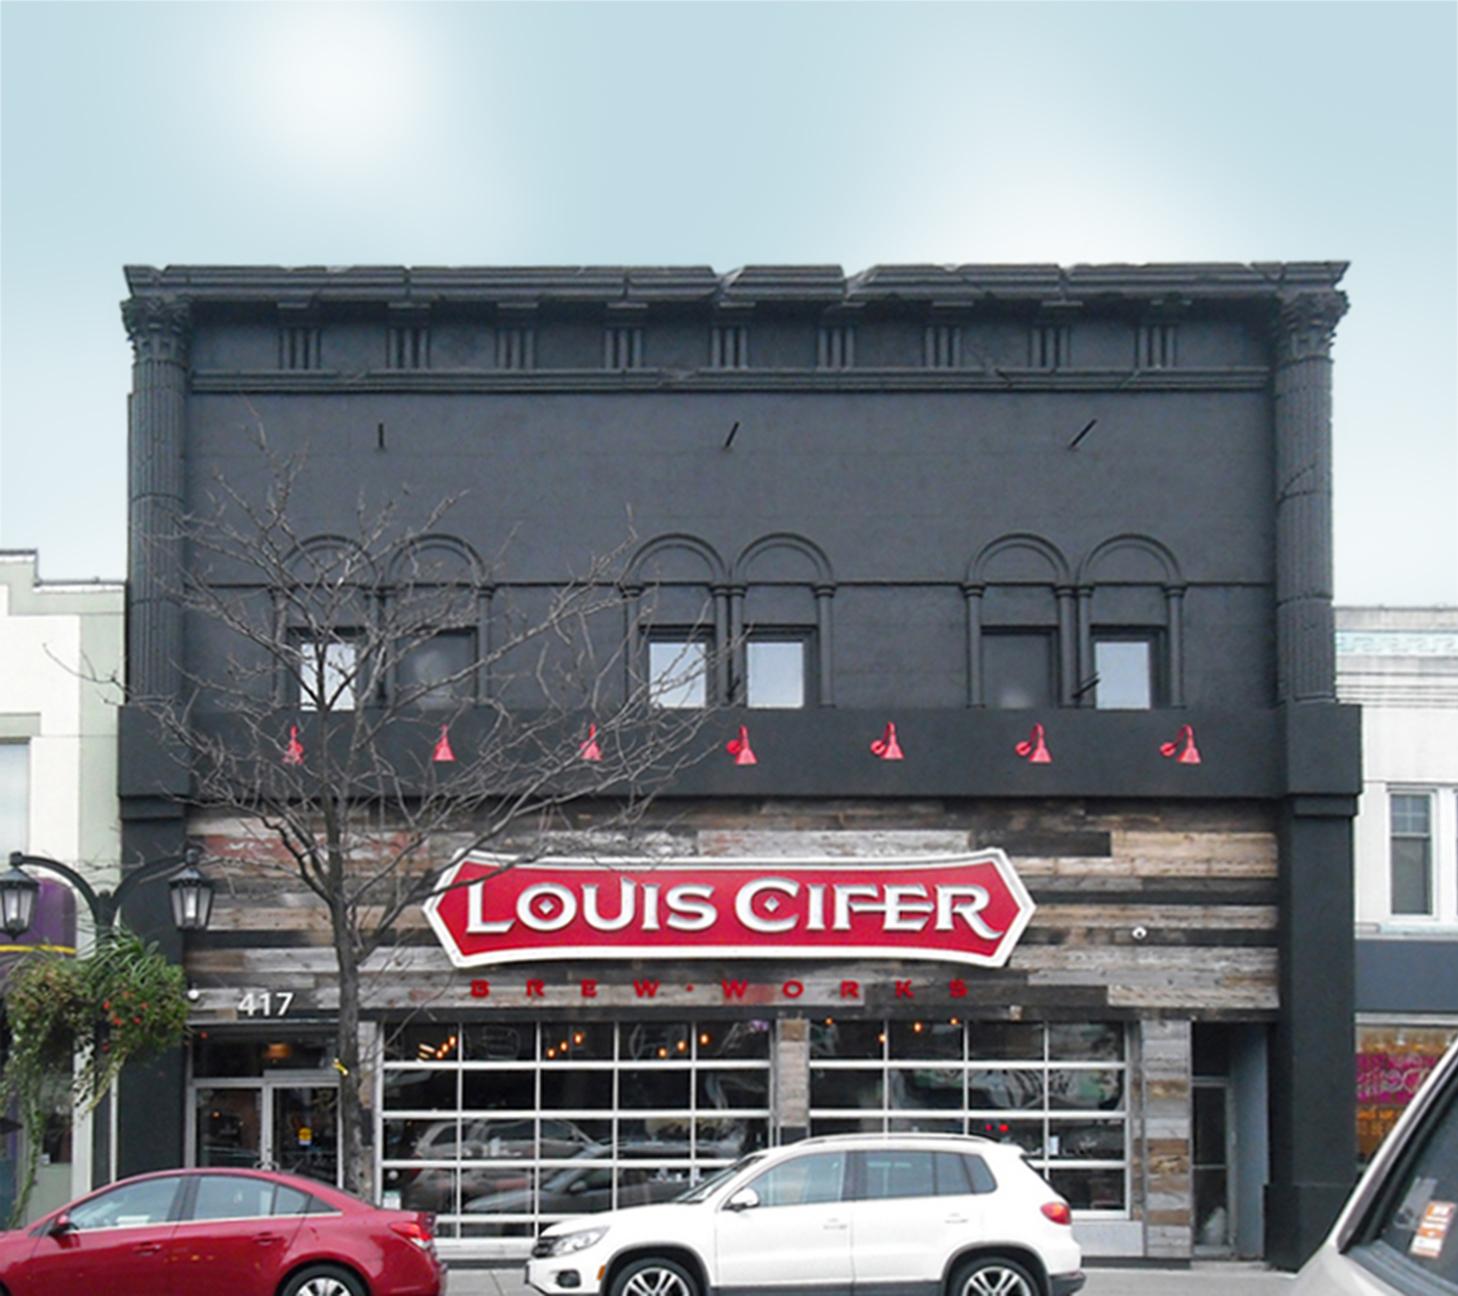 louis-cifer-exterior-view.jpg